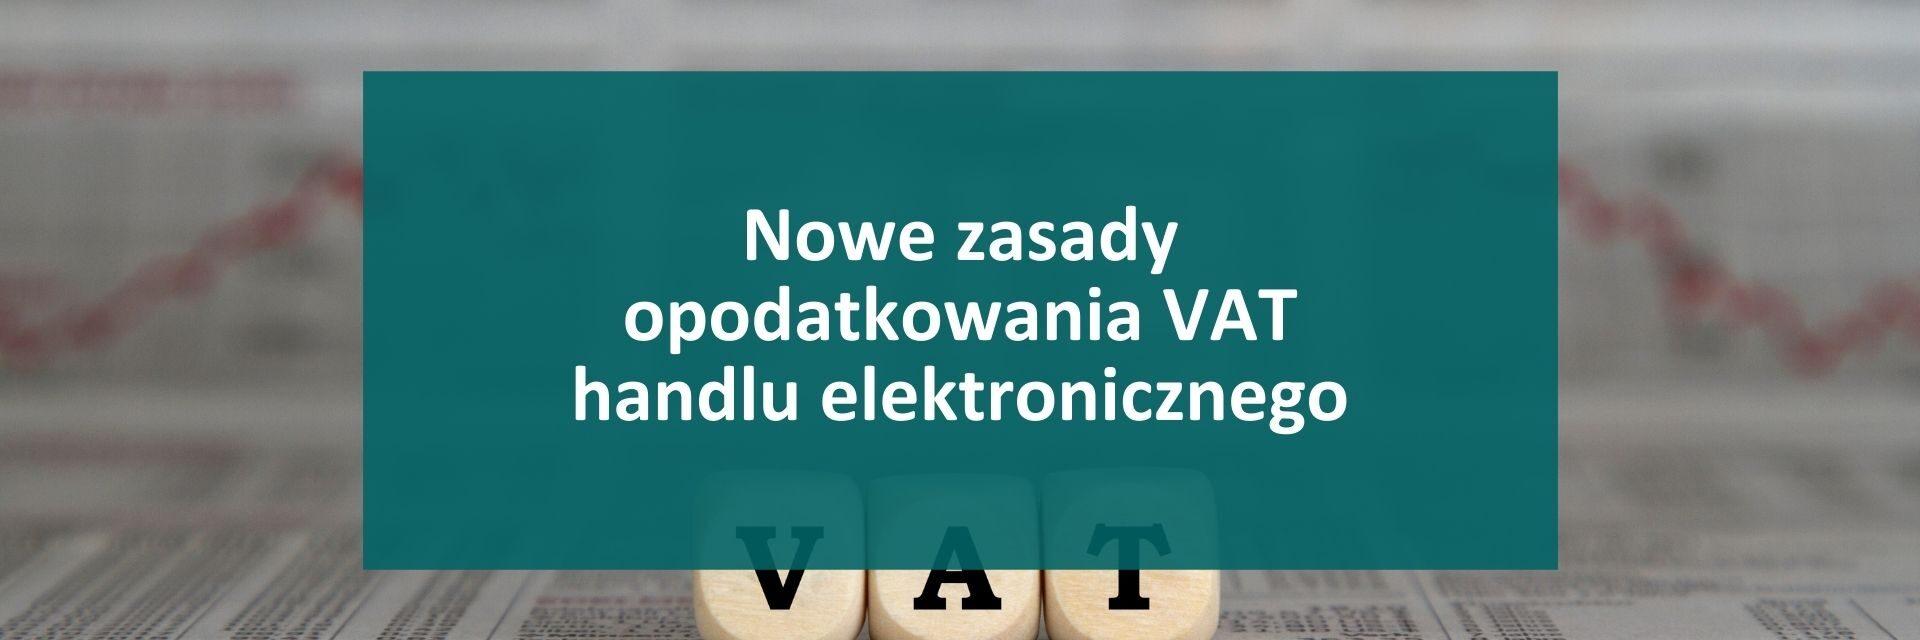 Nowe zasady opodatkowania VAT handlu elektronicznego